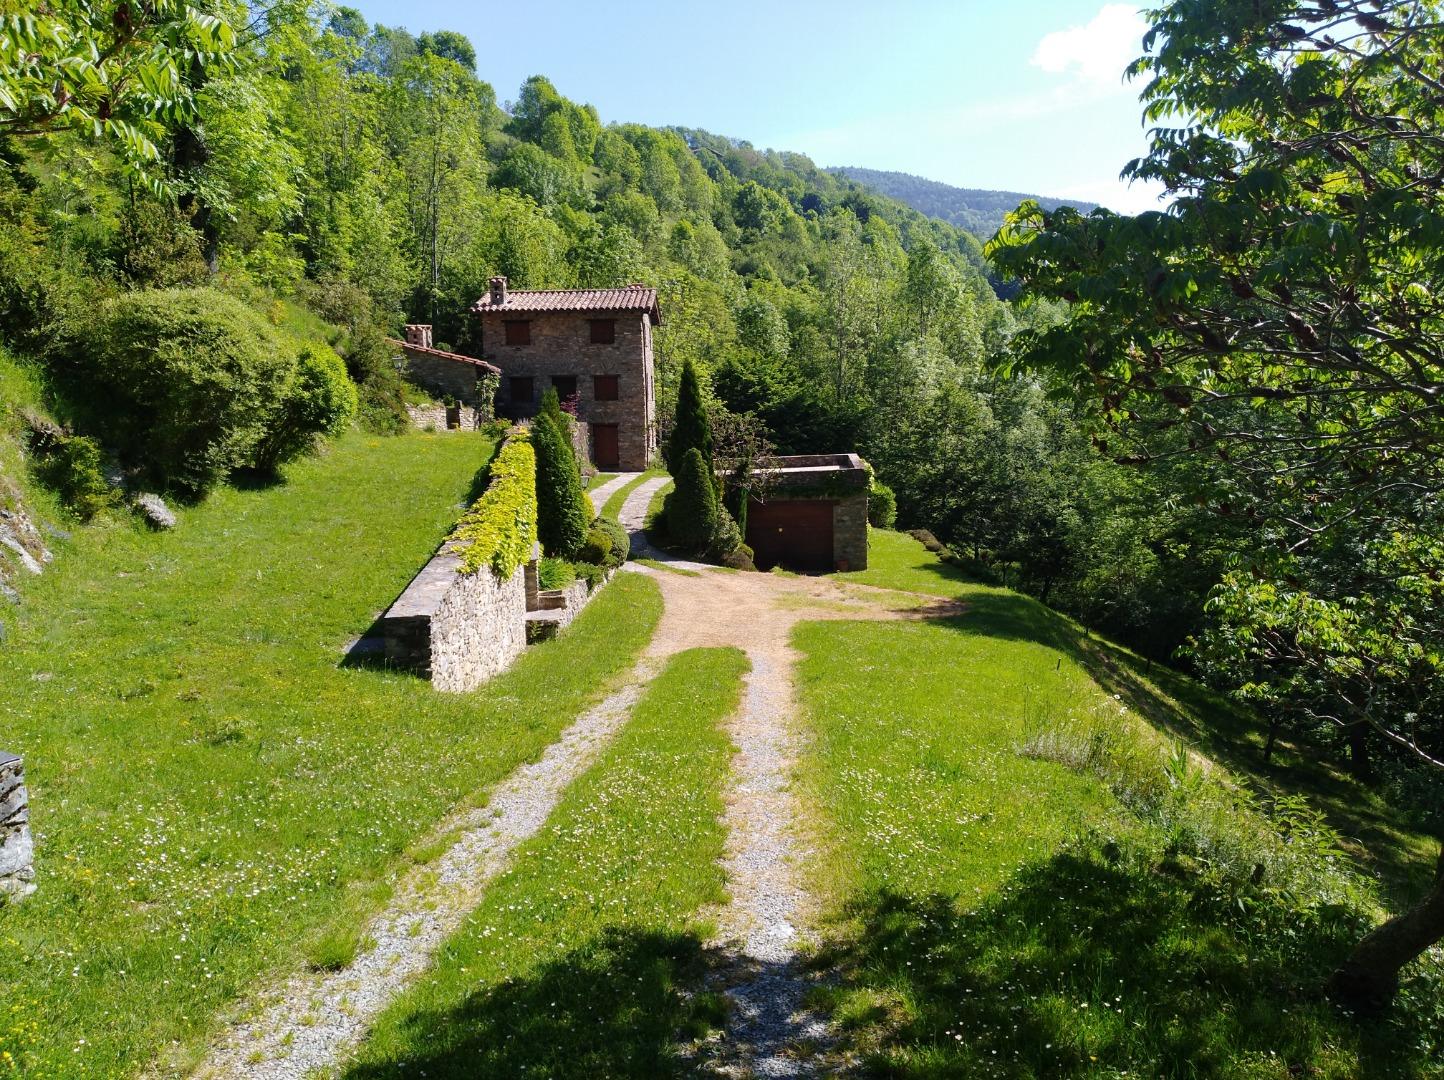 Location saisonnière Maison  Camino. Excepcional casa per relaxar-se completament . 8 places amb lli